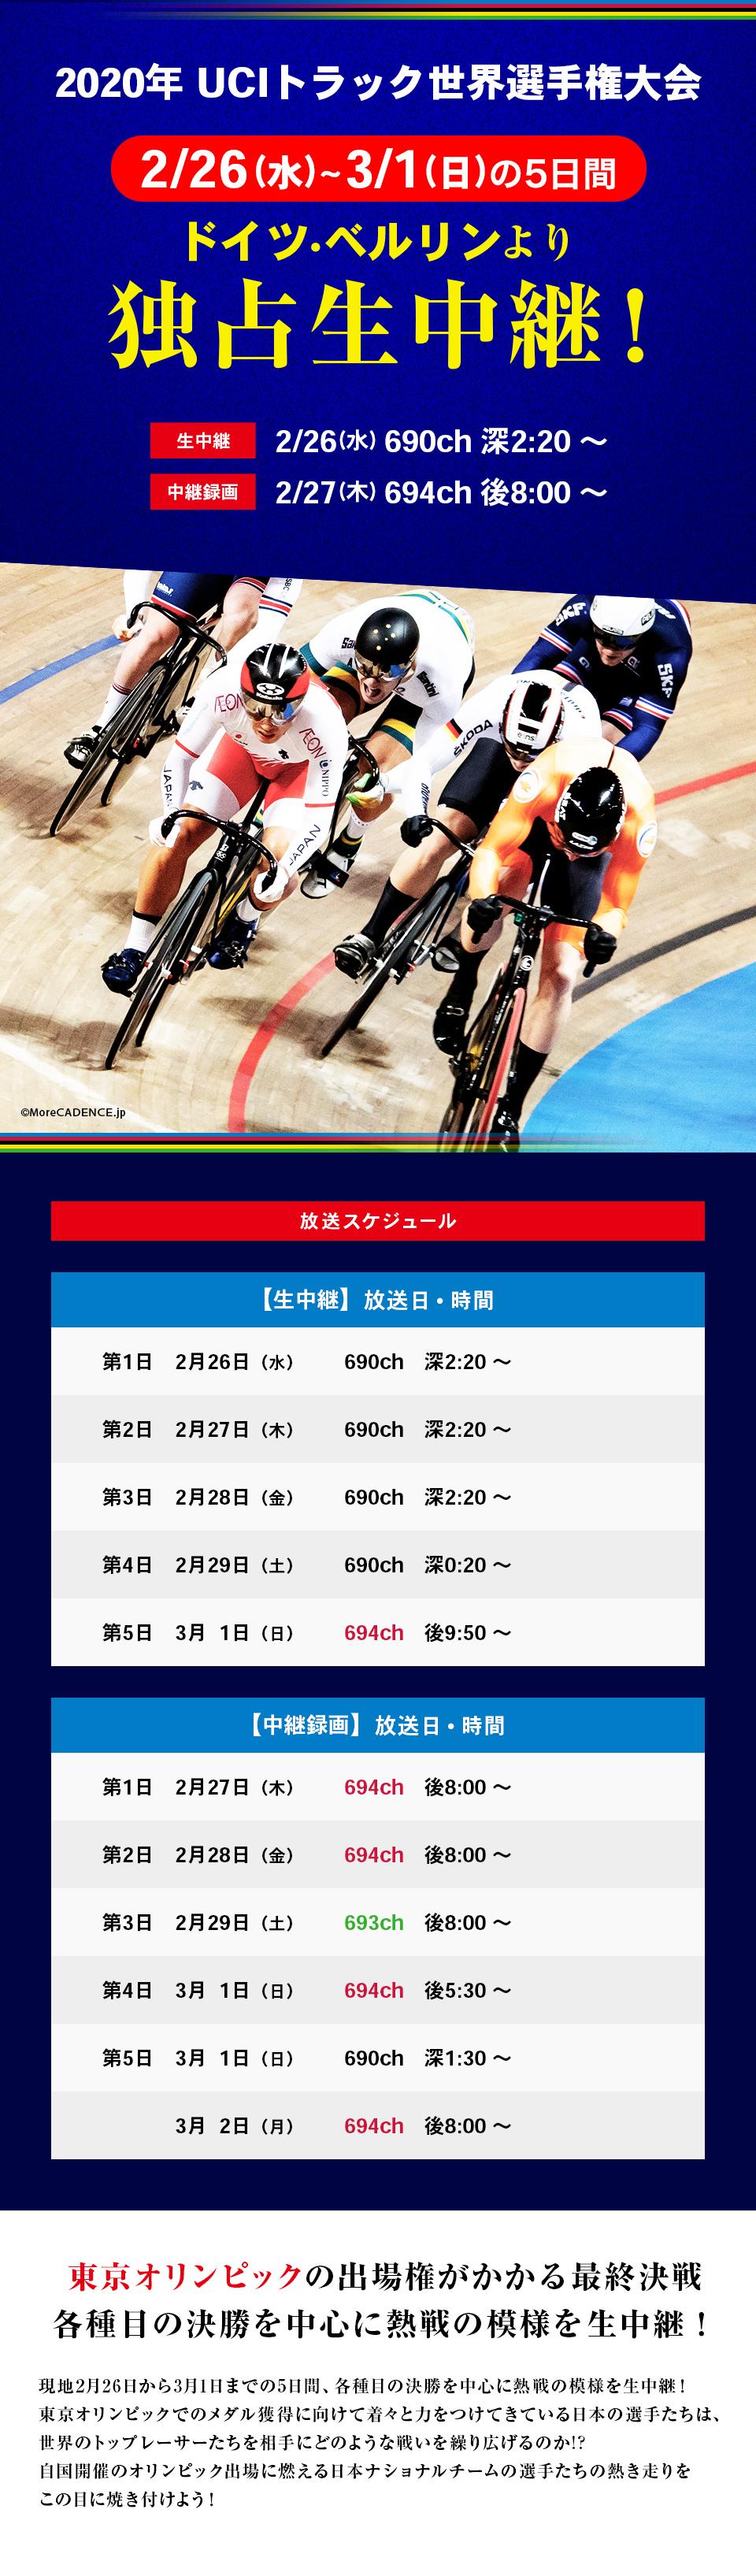 2020年UCIトラック世界選手権大会   競輪専門TV スピードチャンネル